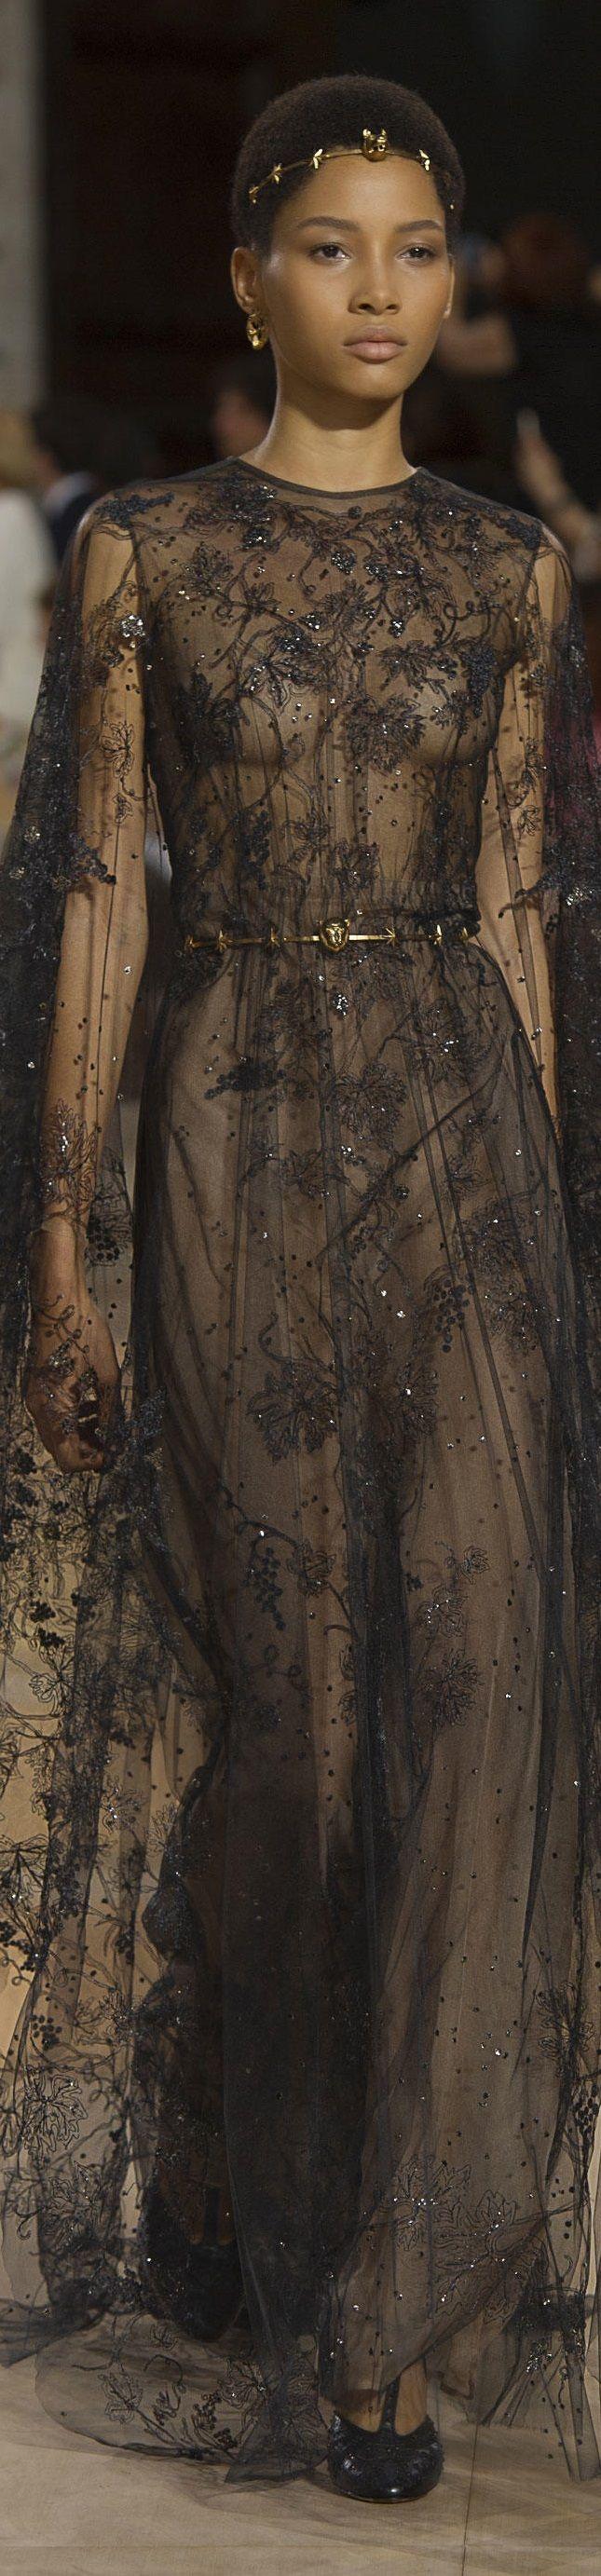 Valentino FW 2015 couture www.valentino.com                                                                                                                                                      More